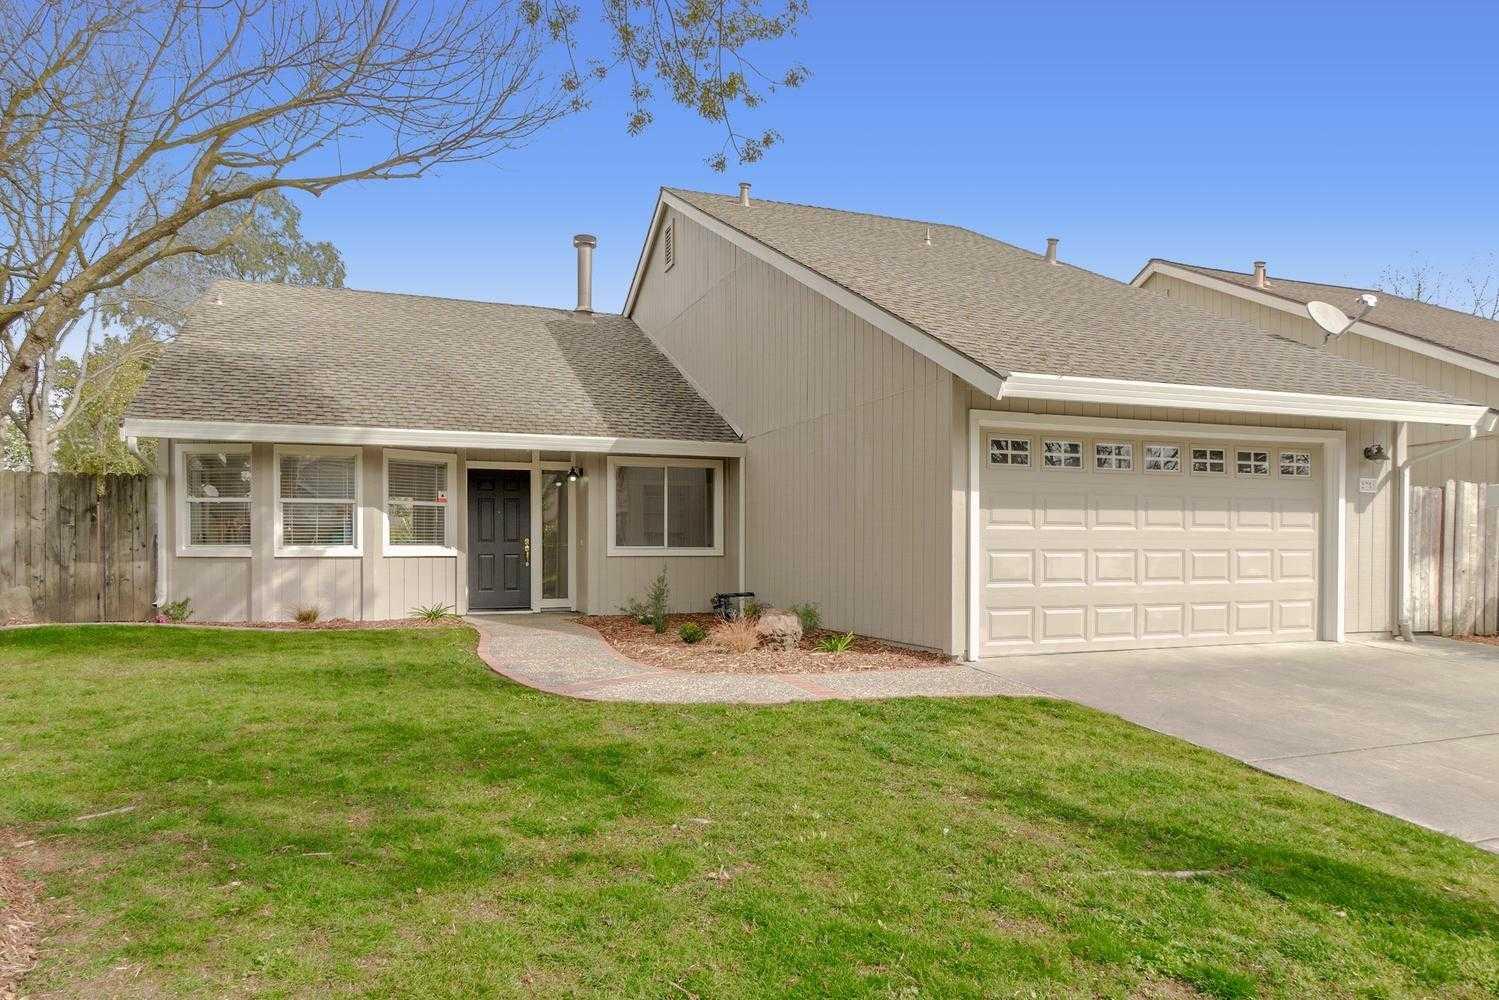 $638,800 - 3Br/2Ba -  for Sale in Rosecreek, Davis